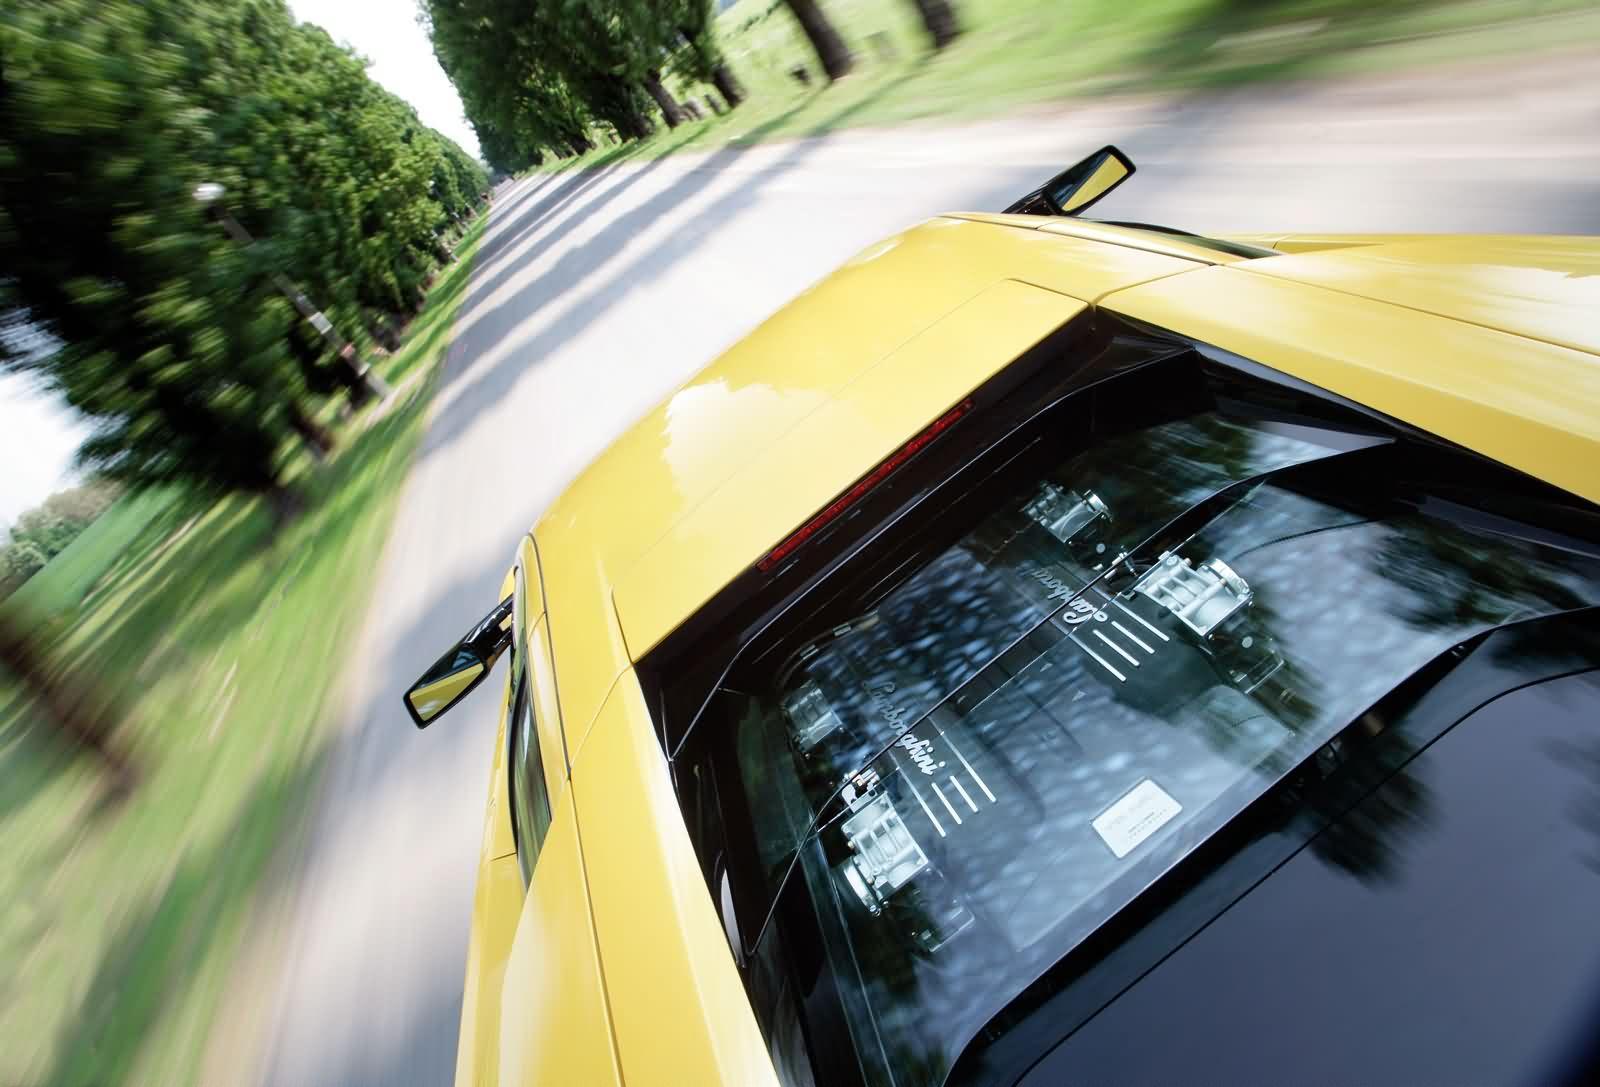 Lamborghini Murciélago LP 640 - Motor